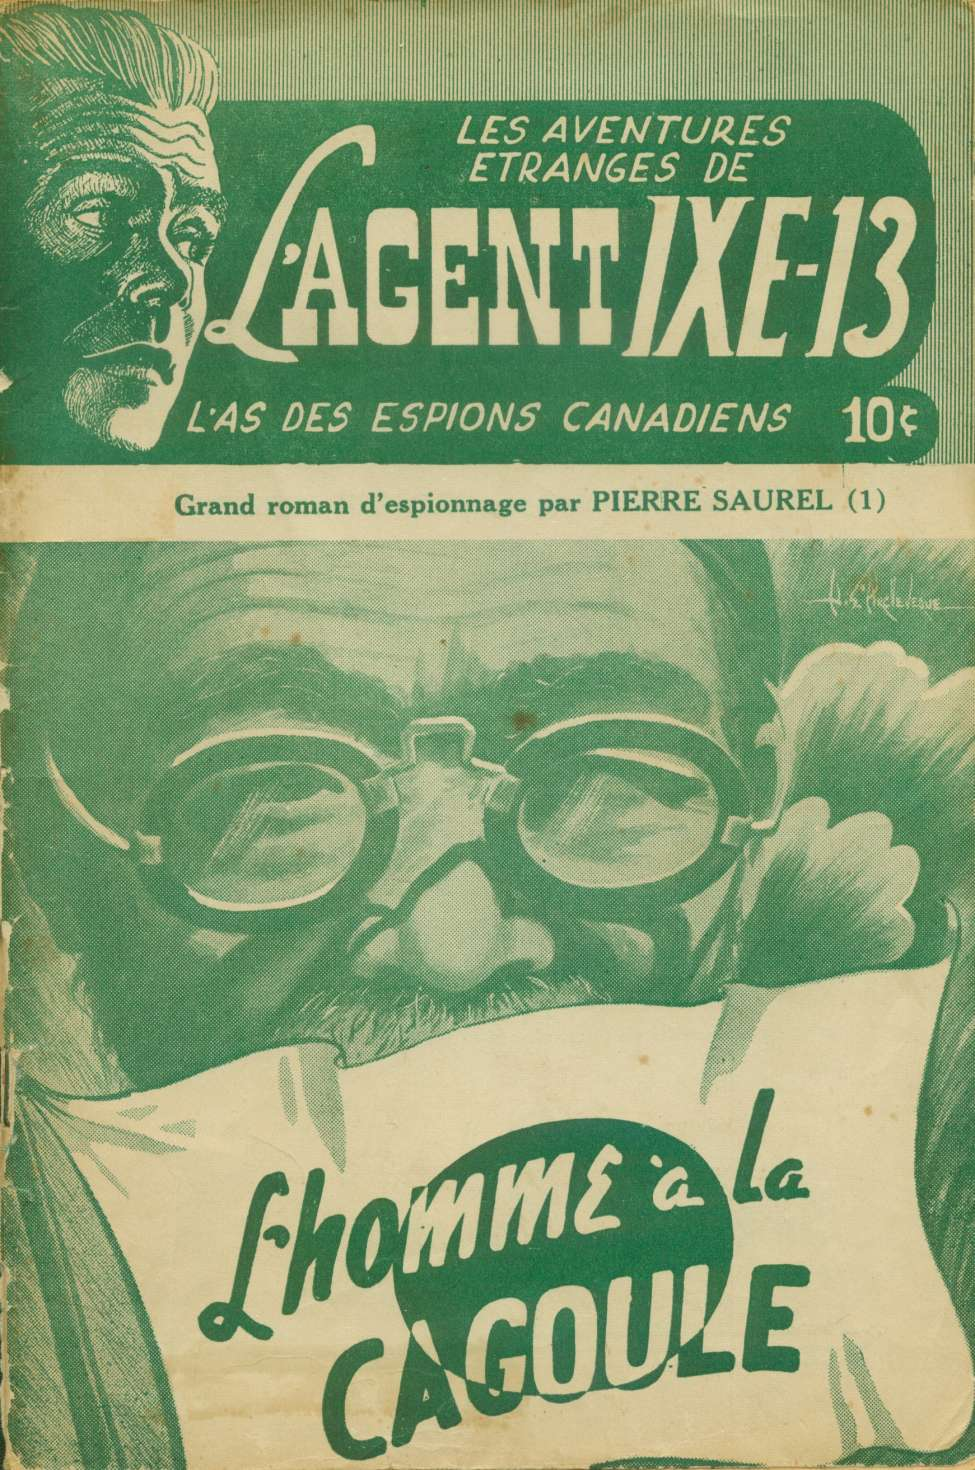 Comic Book Cover For L'Agent IXE-13 v2 001 - L'homme à la cagoule